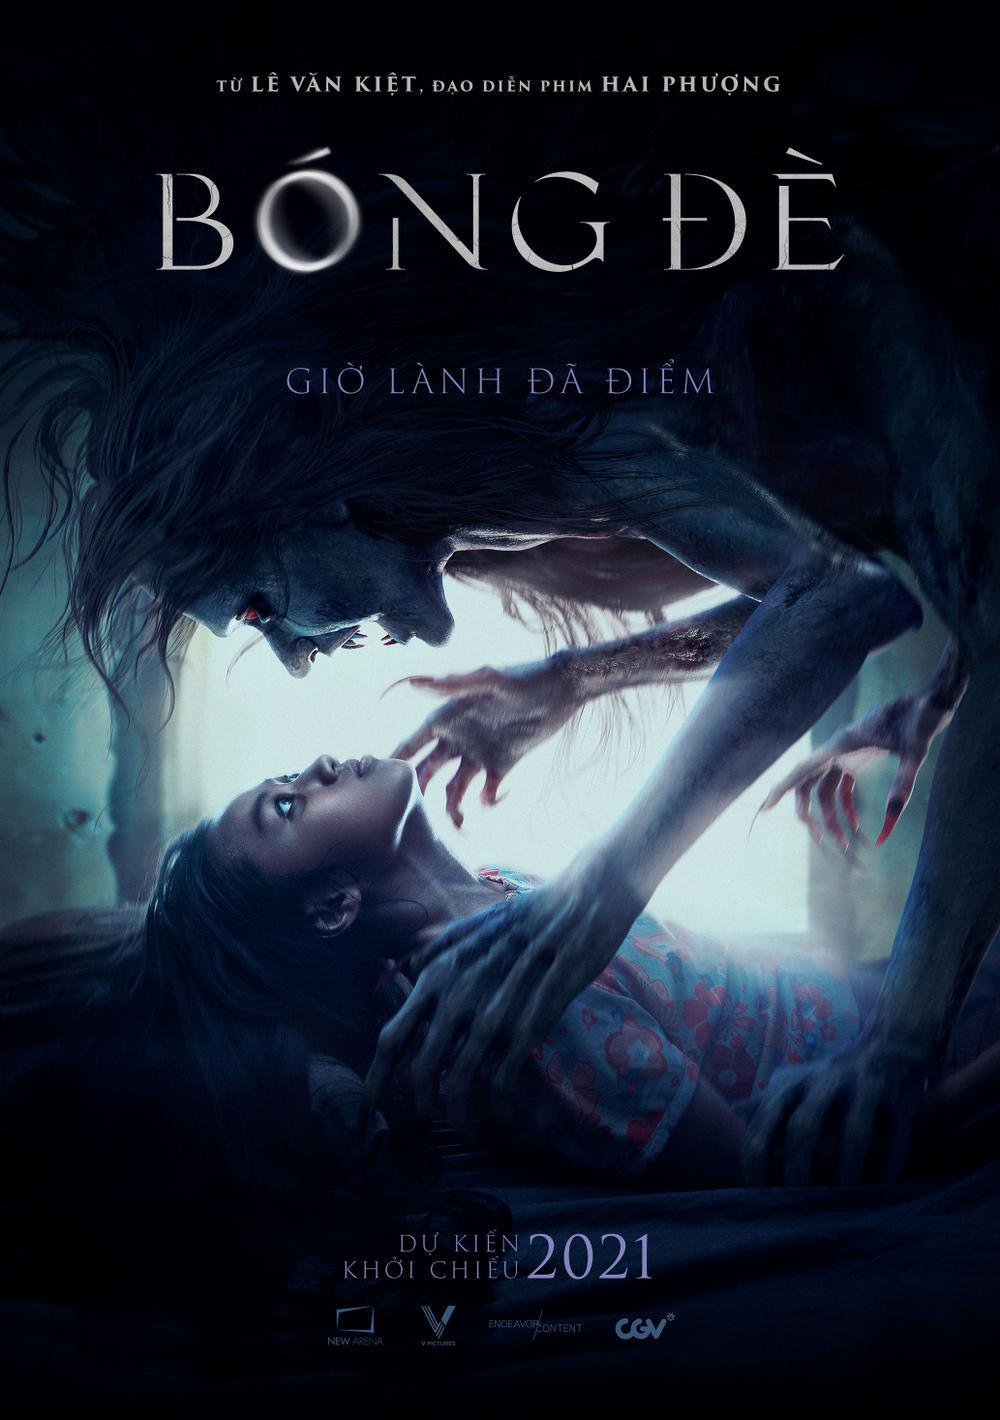 Sau 'Thiên linh cái', Quang Tuấn lại sống trong ngôi nhà ma ám trong phim kinh dị 'Bóng đè' Ảnh 15